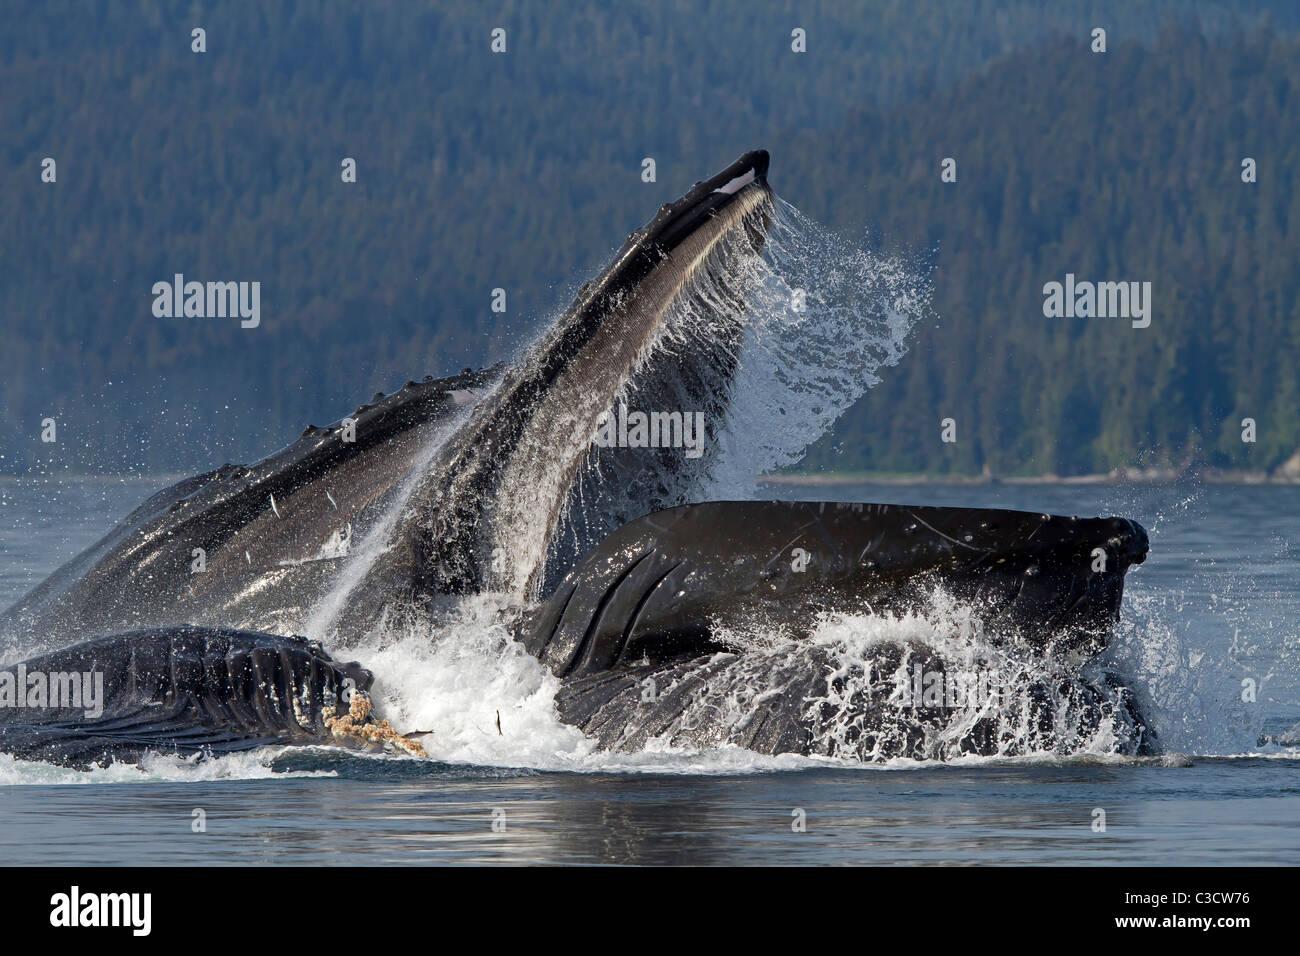 La ballena jorobada (Megaptera novaeangliae). Grupo lunge materna de krill (después de la burbuja-compensación). Foto de stock